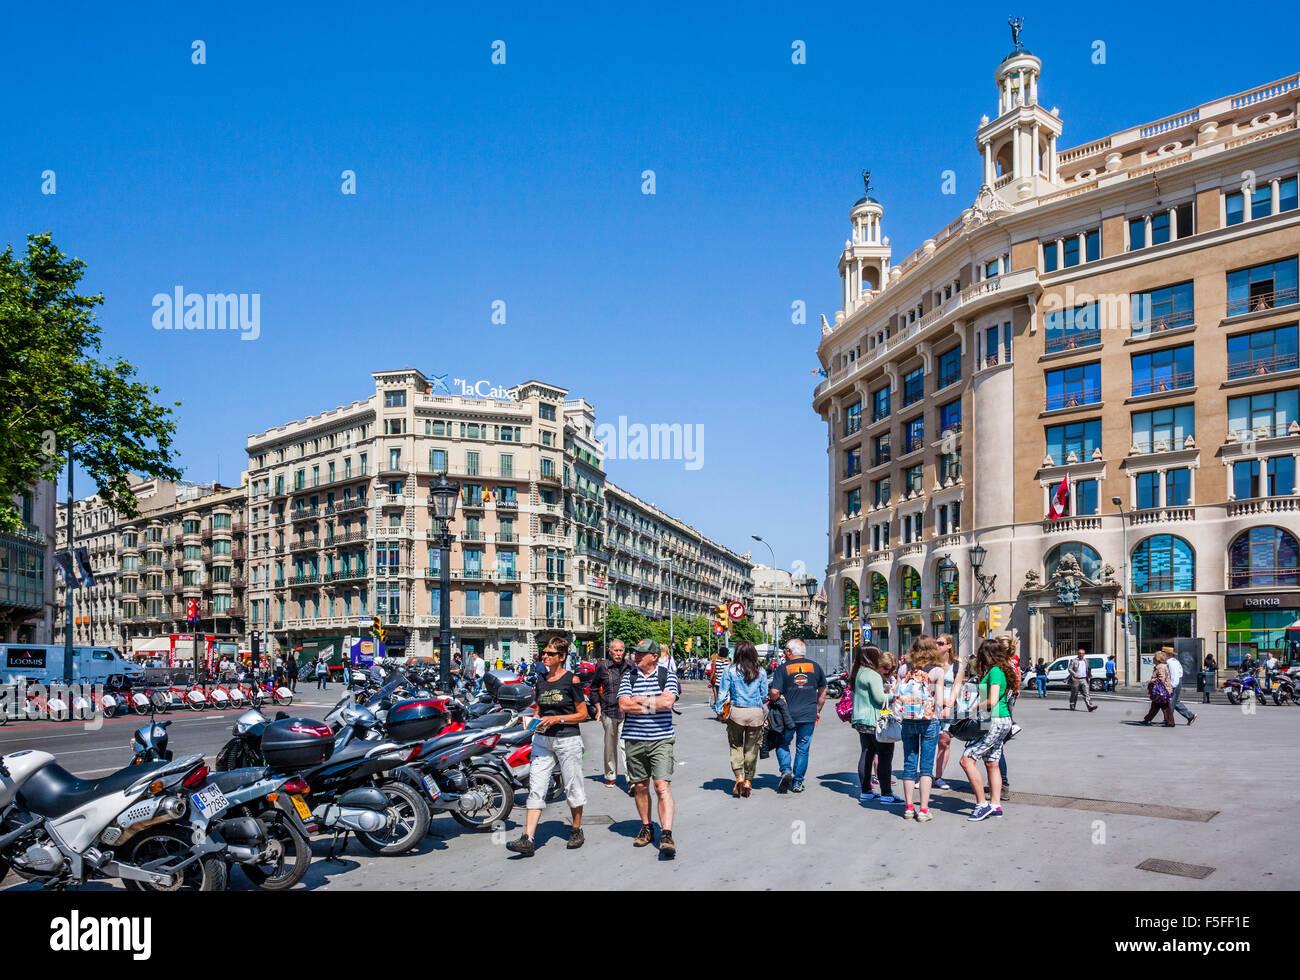 España, Catatonia, Barcelona, Plaça de Catalunya, gran plaza en el centro de la ciudad Imagen De Stock